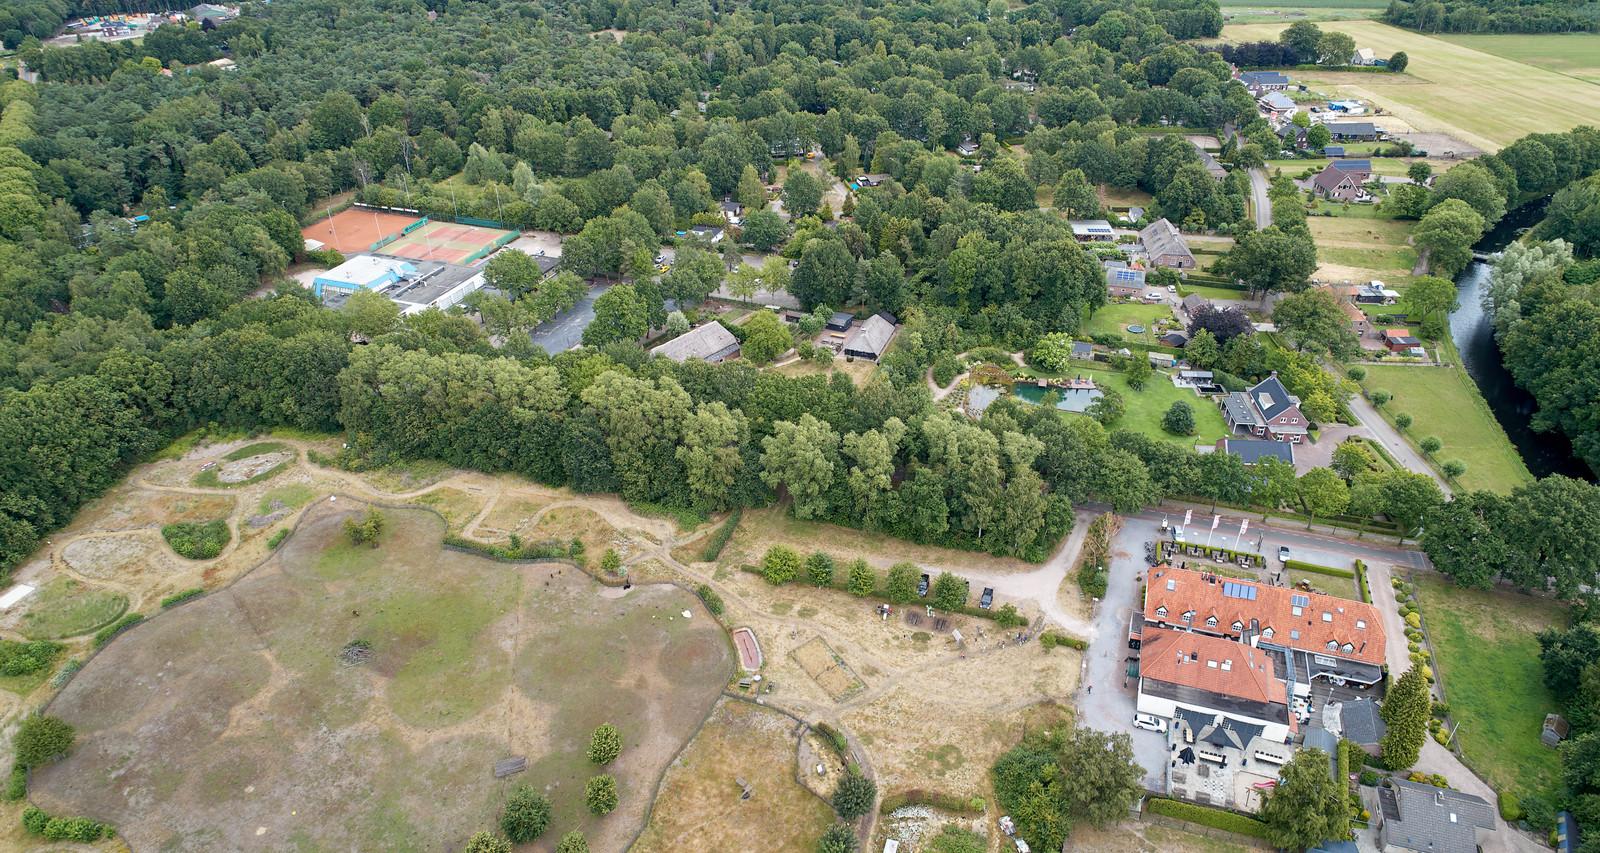 De Wildhorst, te zien op de bovenste helft van deze dronefoto, ligt tegen de Heeswijkse Bossen aan. Rechtsonder hotel-restaurant De Leygraaf.